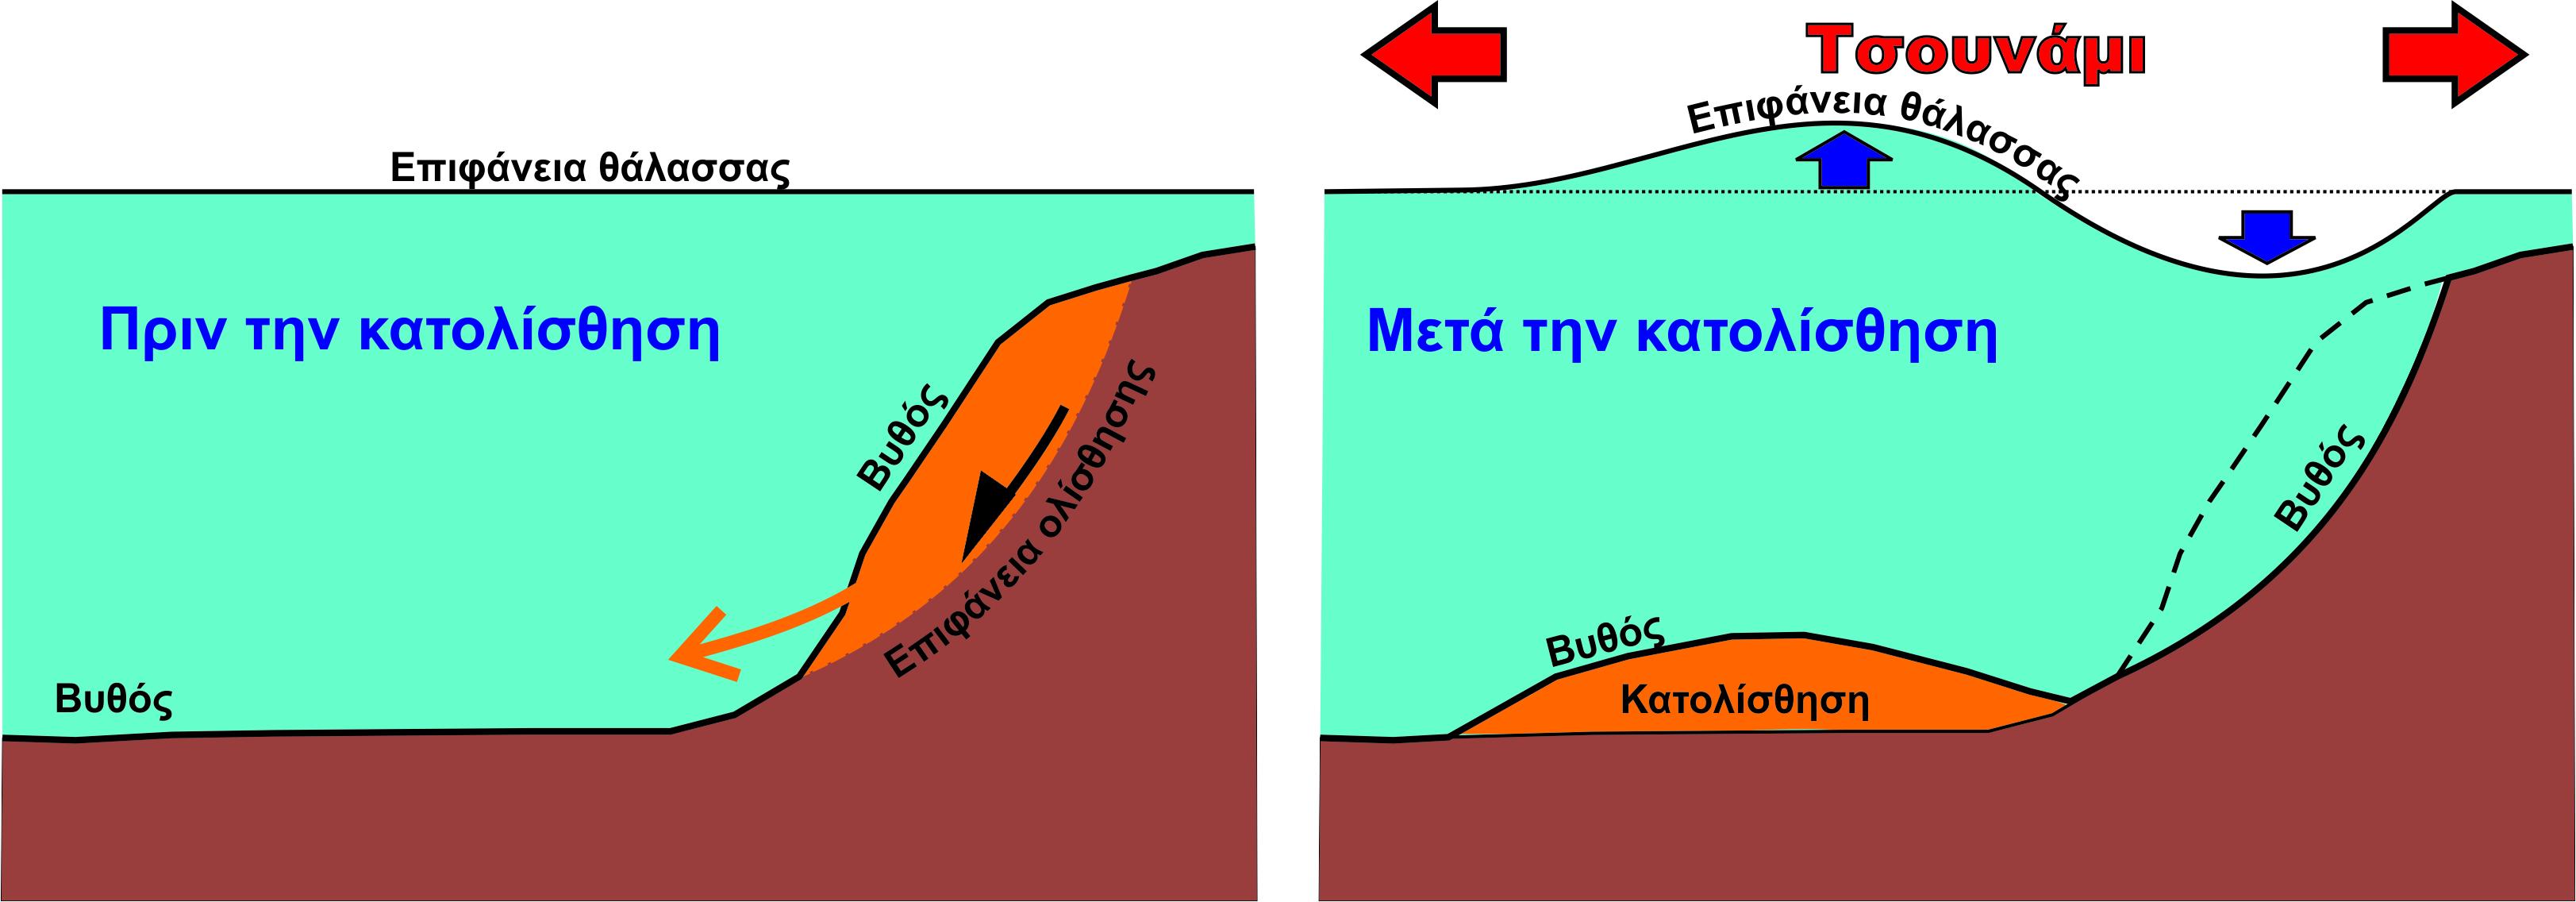 ereynitis-toy-elkethe-tsoynami-meta-apo-ypothalassies-katolisthiseis-mporei-na-symvei-kai-stis-ellinikes-thalasses0